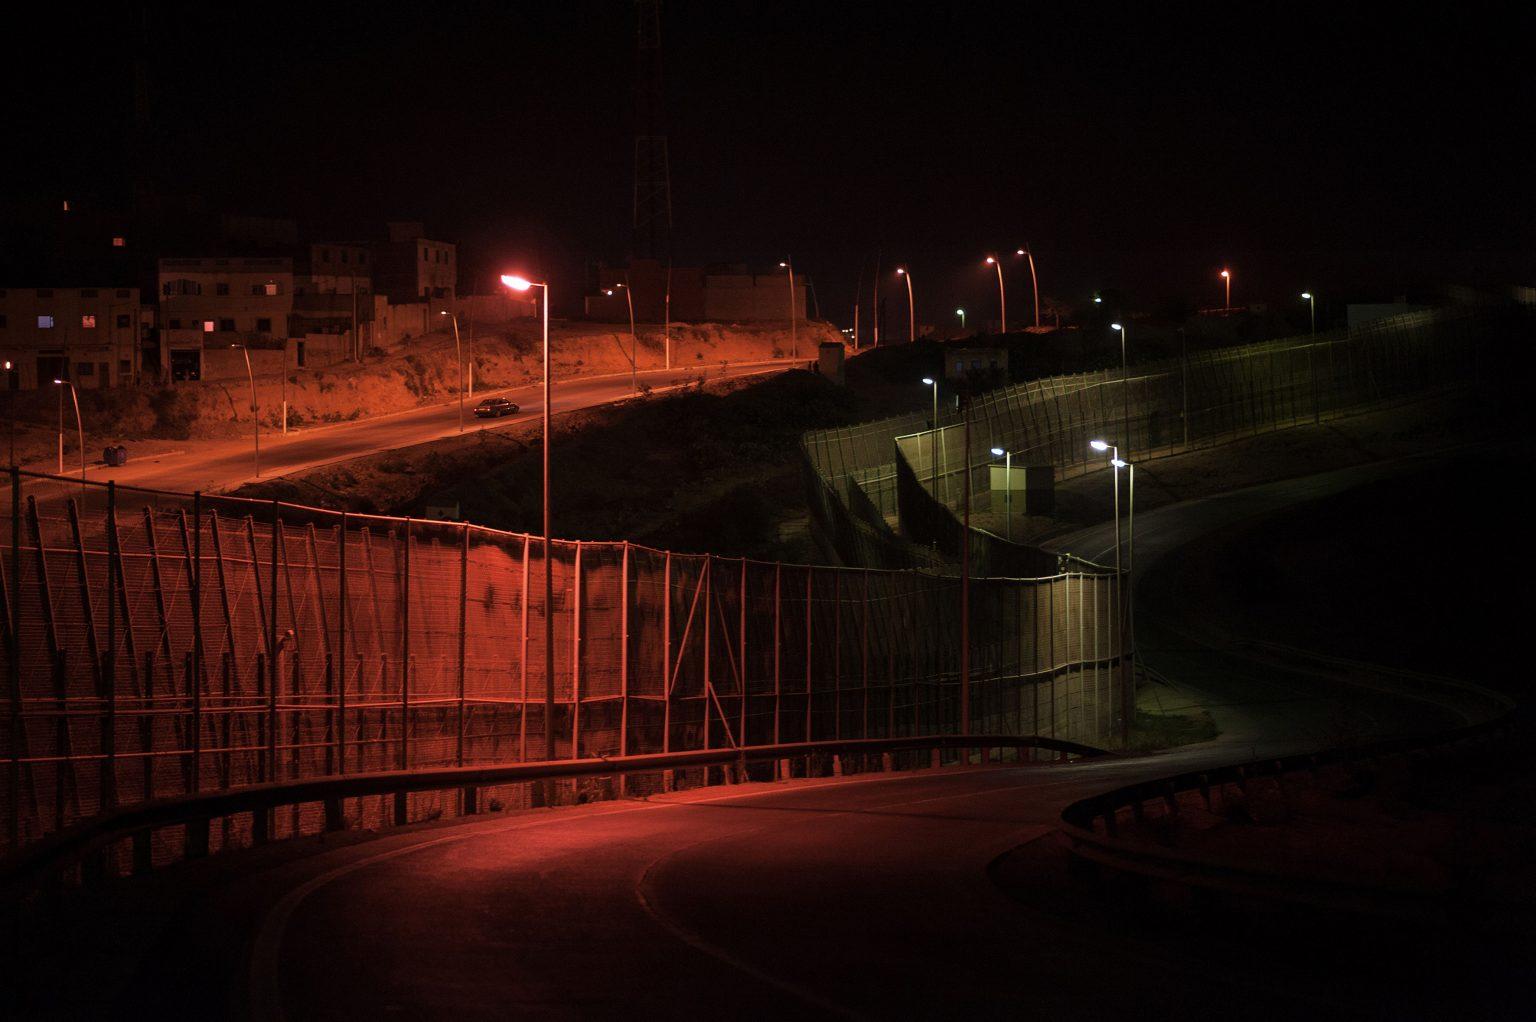 Melilla, Spain, August 2014 - The 12km fence that divides Spain and Morocco >< Melilla, Spagna, agosto 2014 - La rete metallica di confine tra Spagna e Marocco, lunga 12 km *** Local Caption *** 00534489